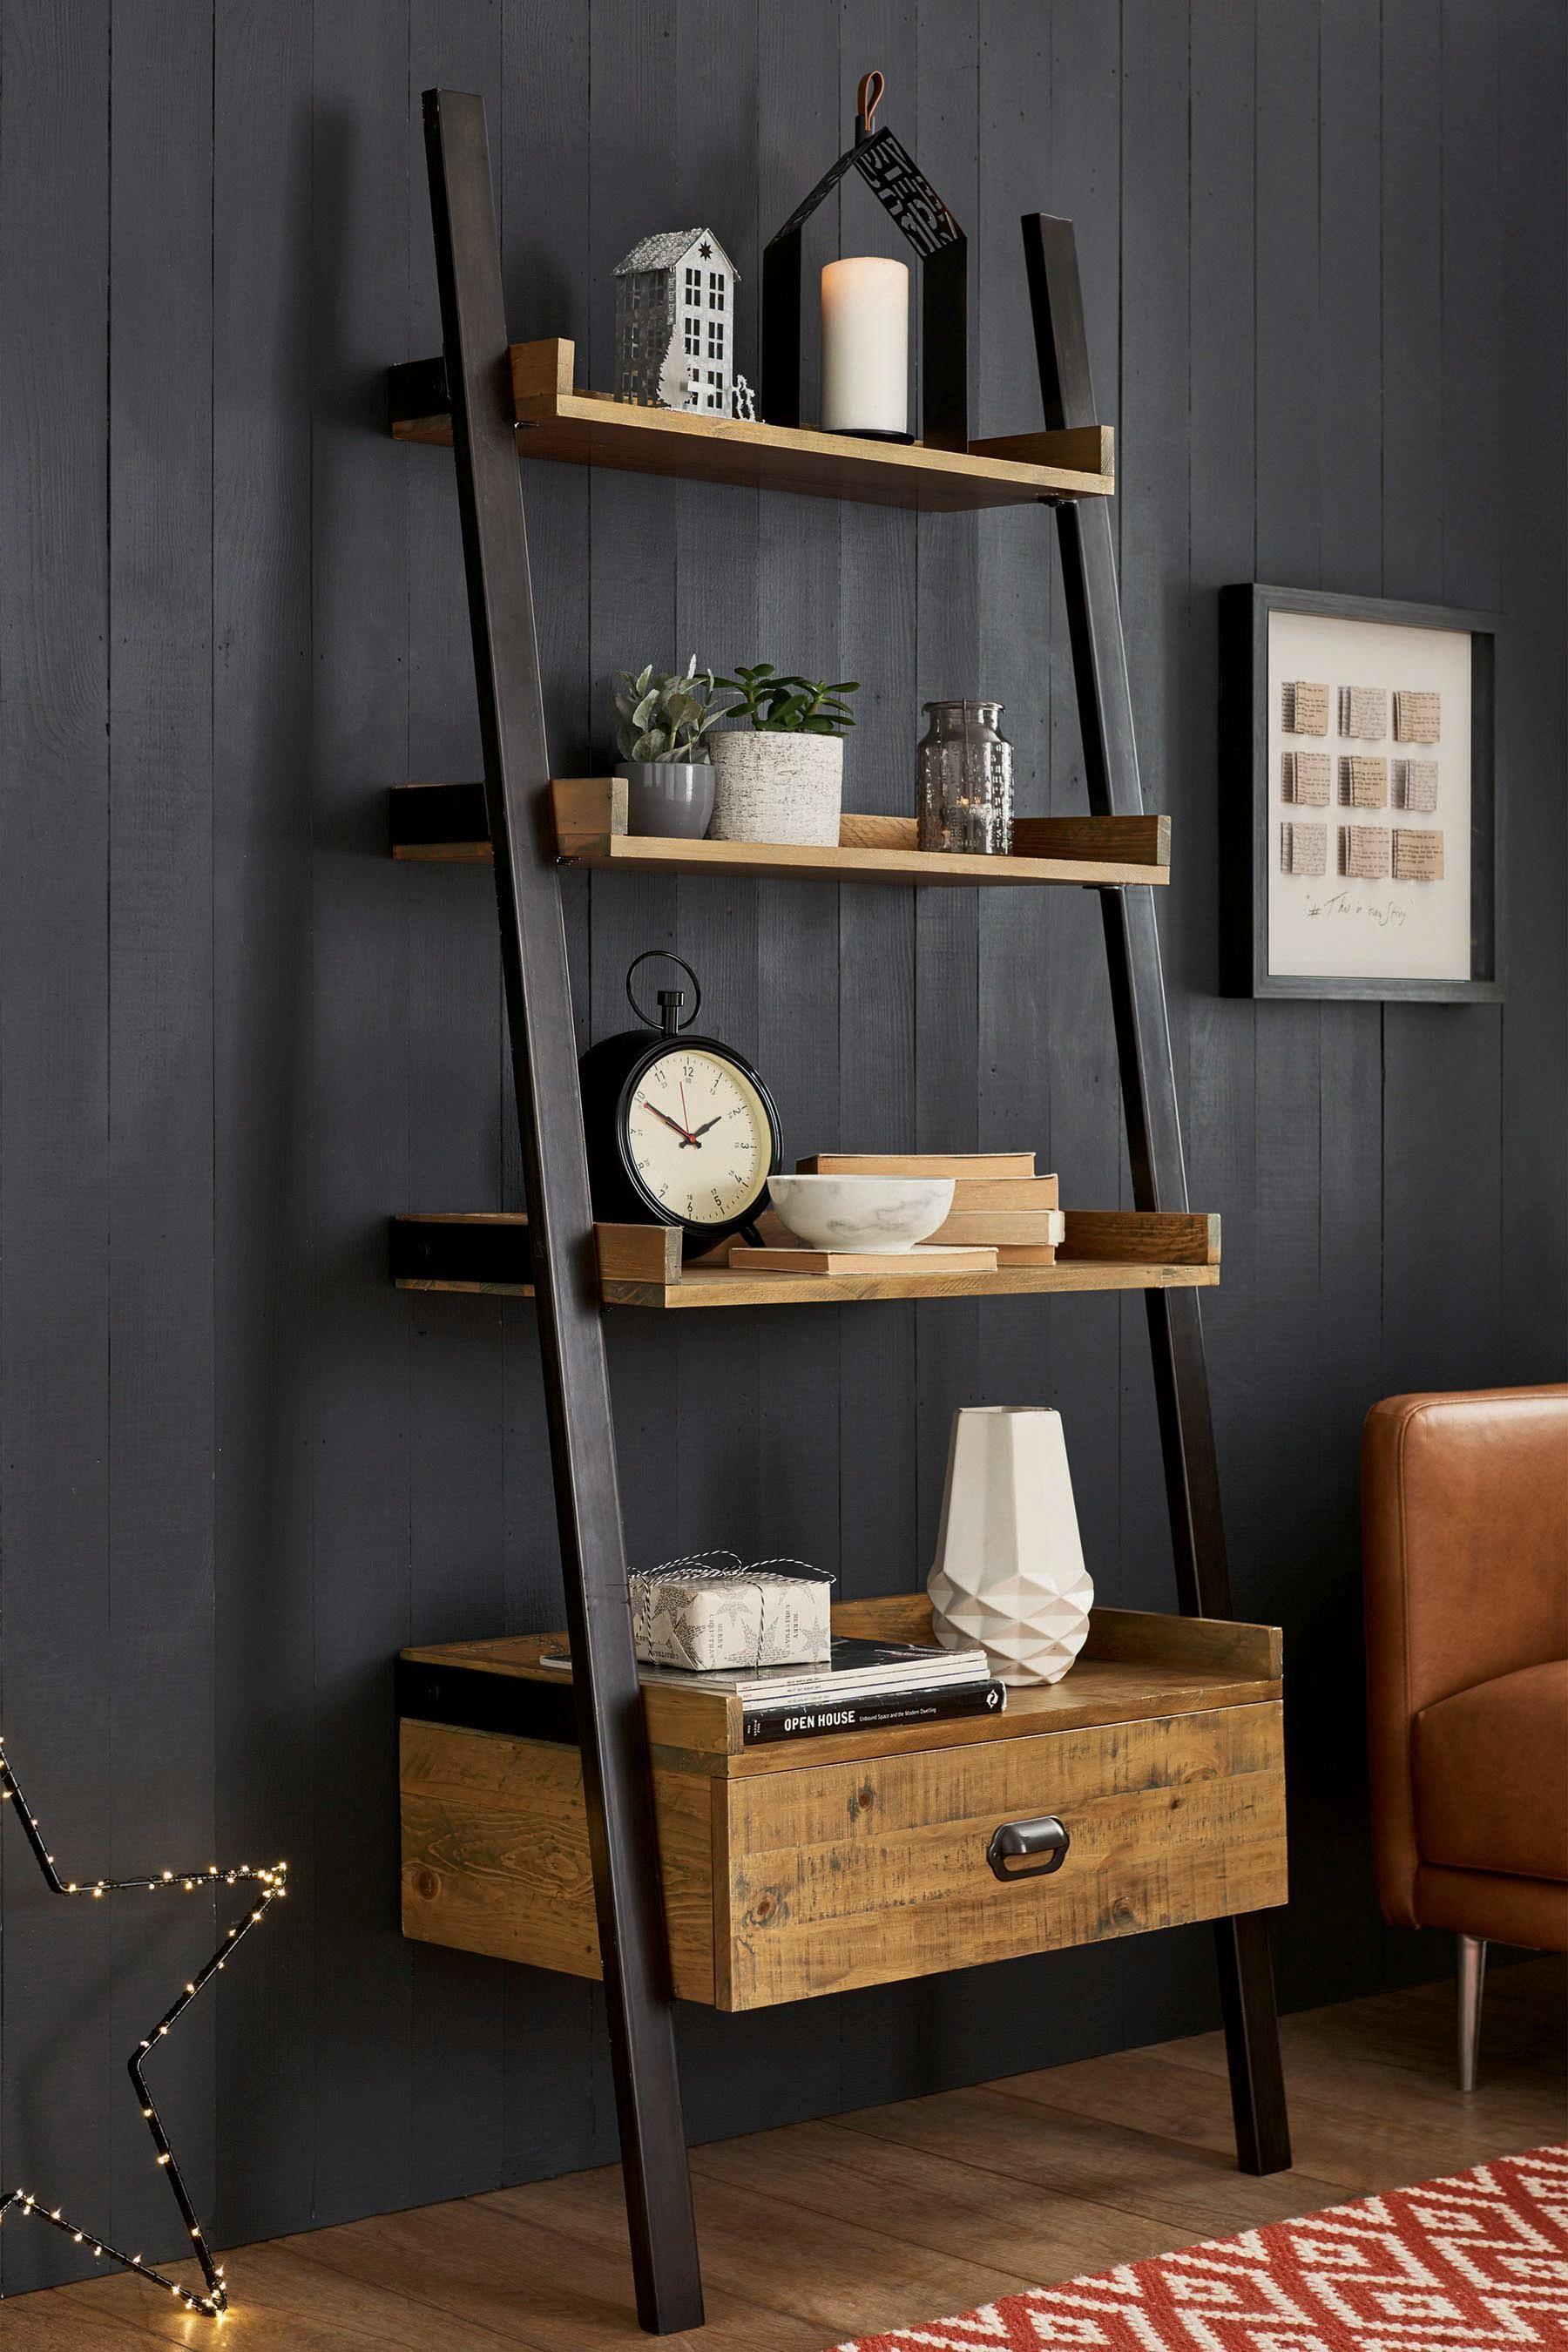 Buy Hudson Ladder Shelf From The Next Uk Online Shop Shelf Decor Living Room Ladder Shelf Decor Shelves